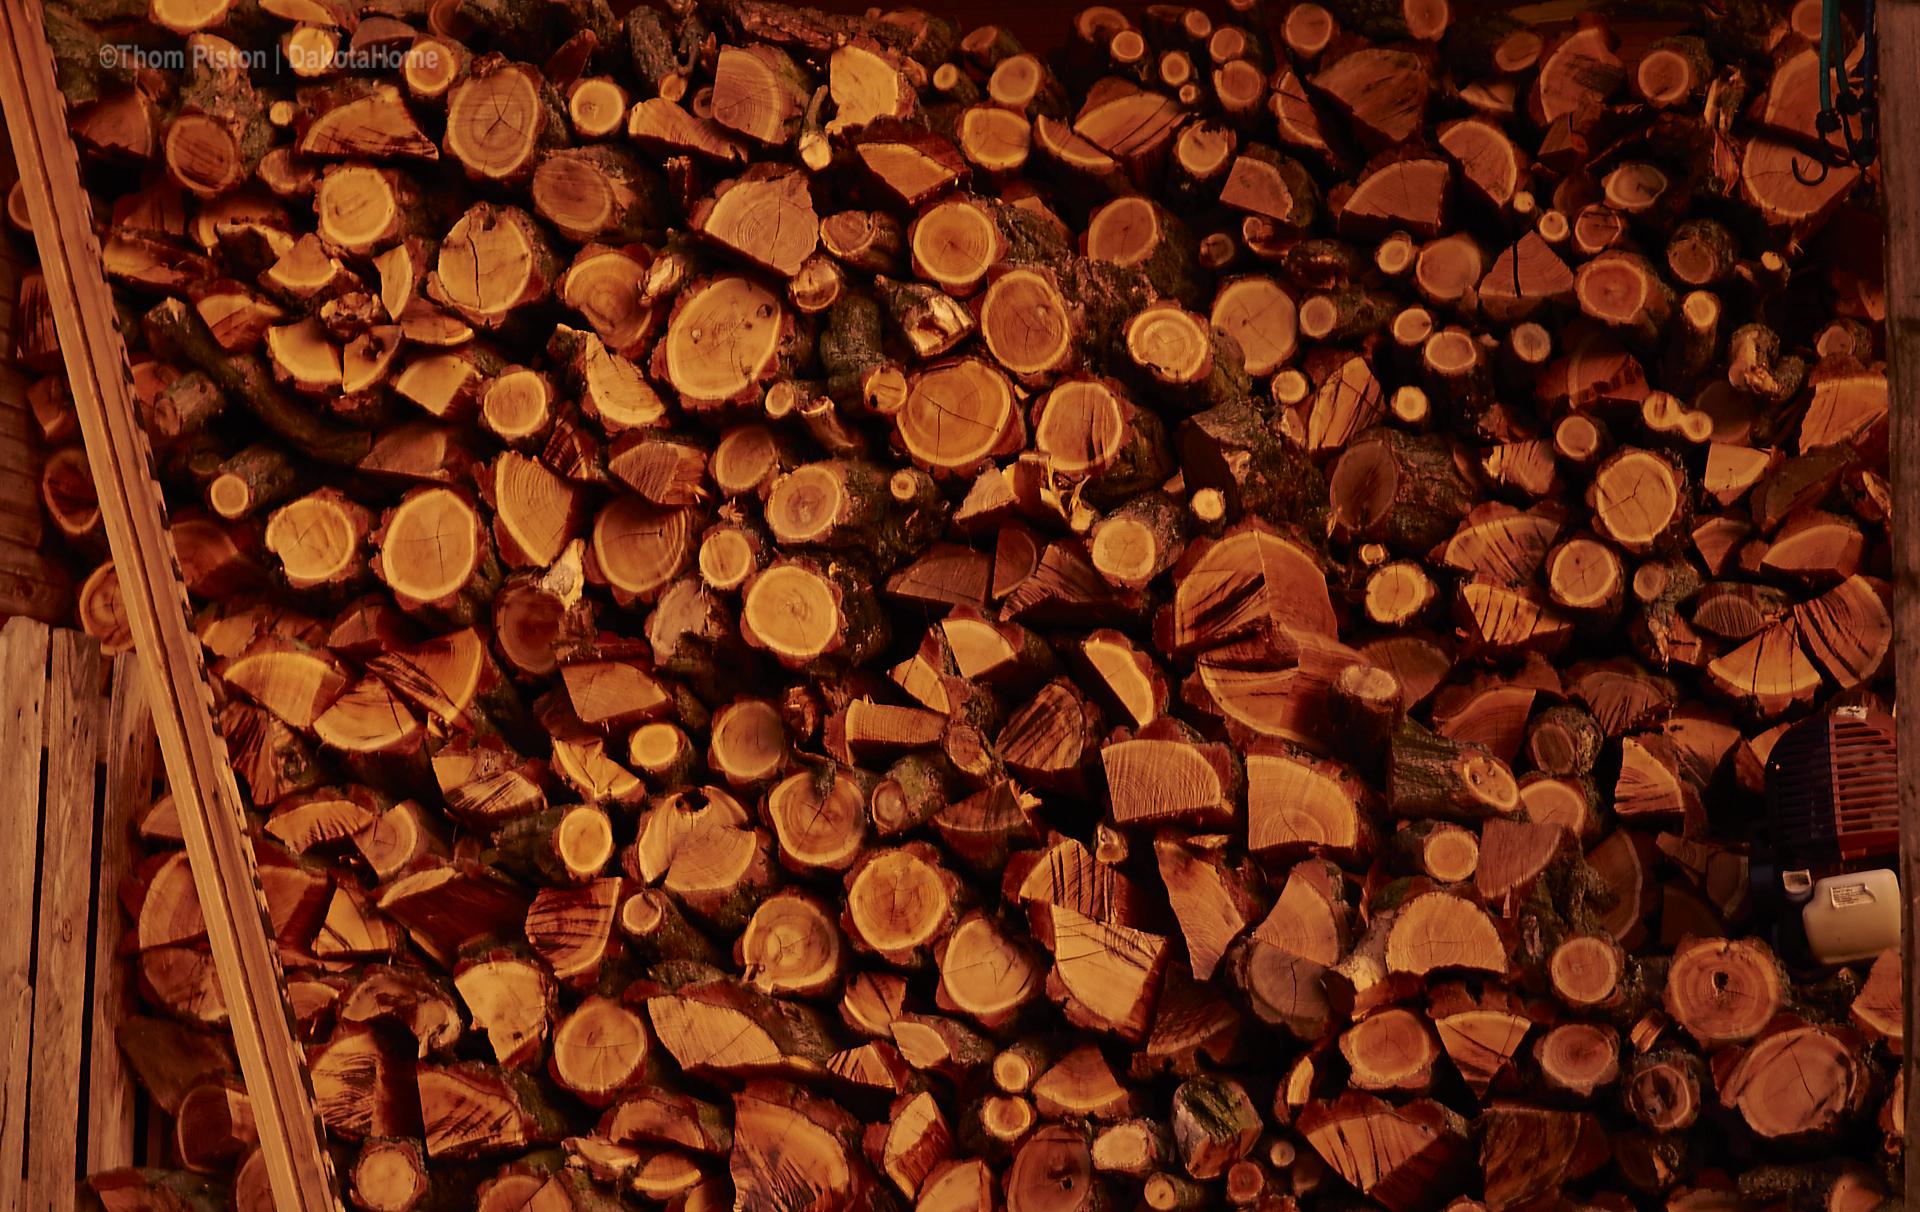 das Licht vor dem Sonnenuntergang ist unwirklich..kann man nur schlecht einfangen..das Holz leuchtet dann in allen möglichen Rot Tönen